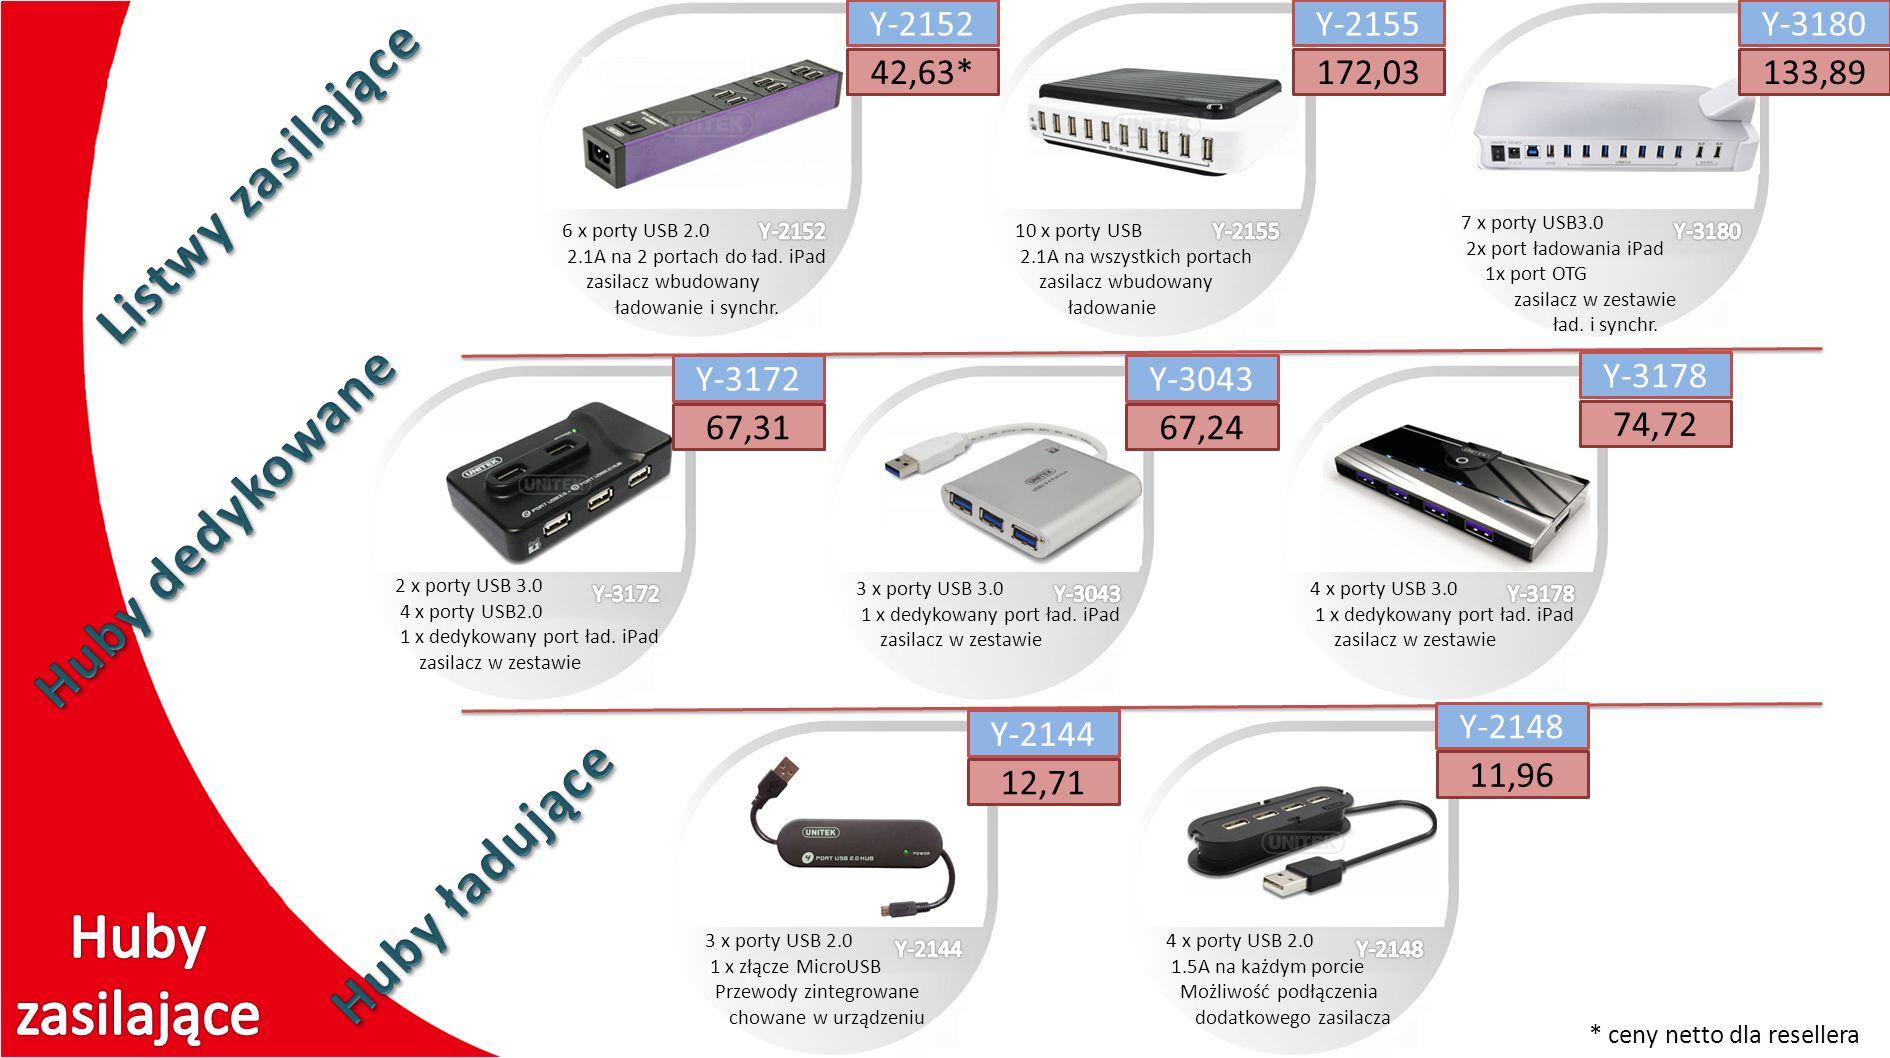 3 x porty USB 2.0 1 x złącze MicroUSB Przewody zintegrowane chowane w urządzeniu 4 x porty USB 2.0 1.5A na każdym porcie Możliwość podłączenia dodatko